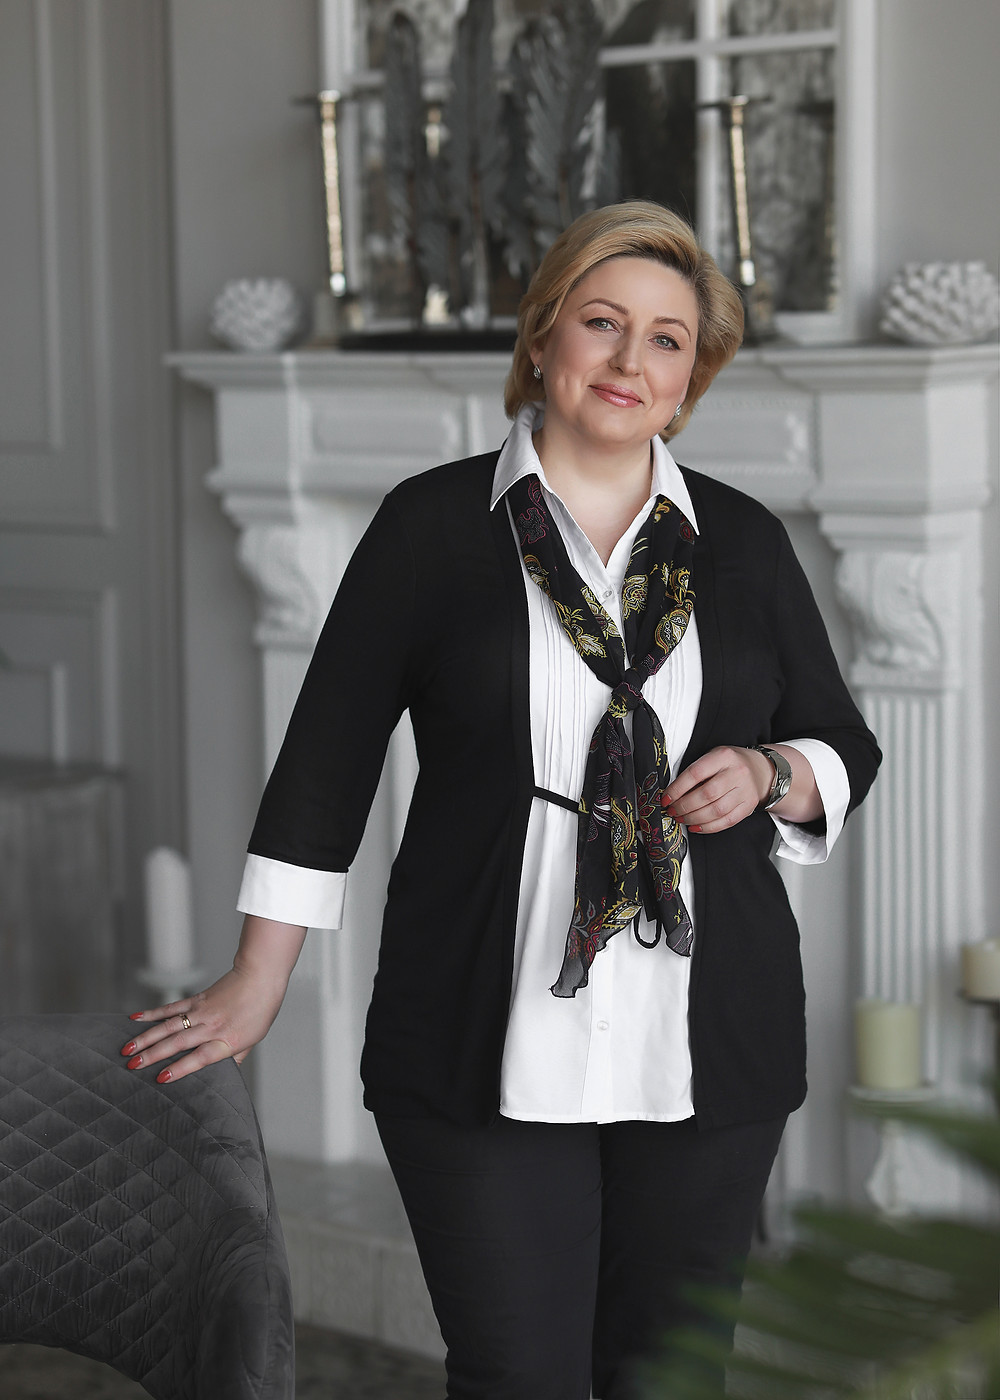 женский бизнес портрет в фотостудии: детали и одежда в деловом стиле. Фотосессия от фотографа Борислав в Москве 2020